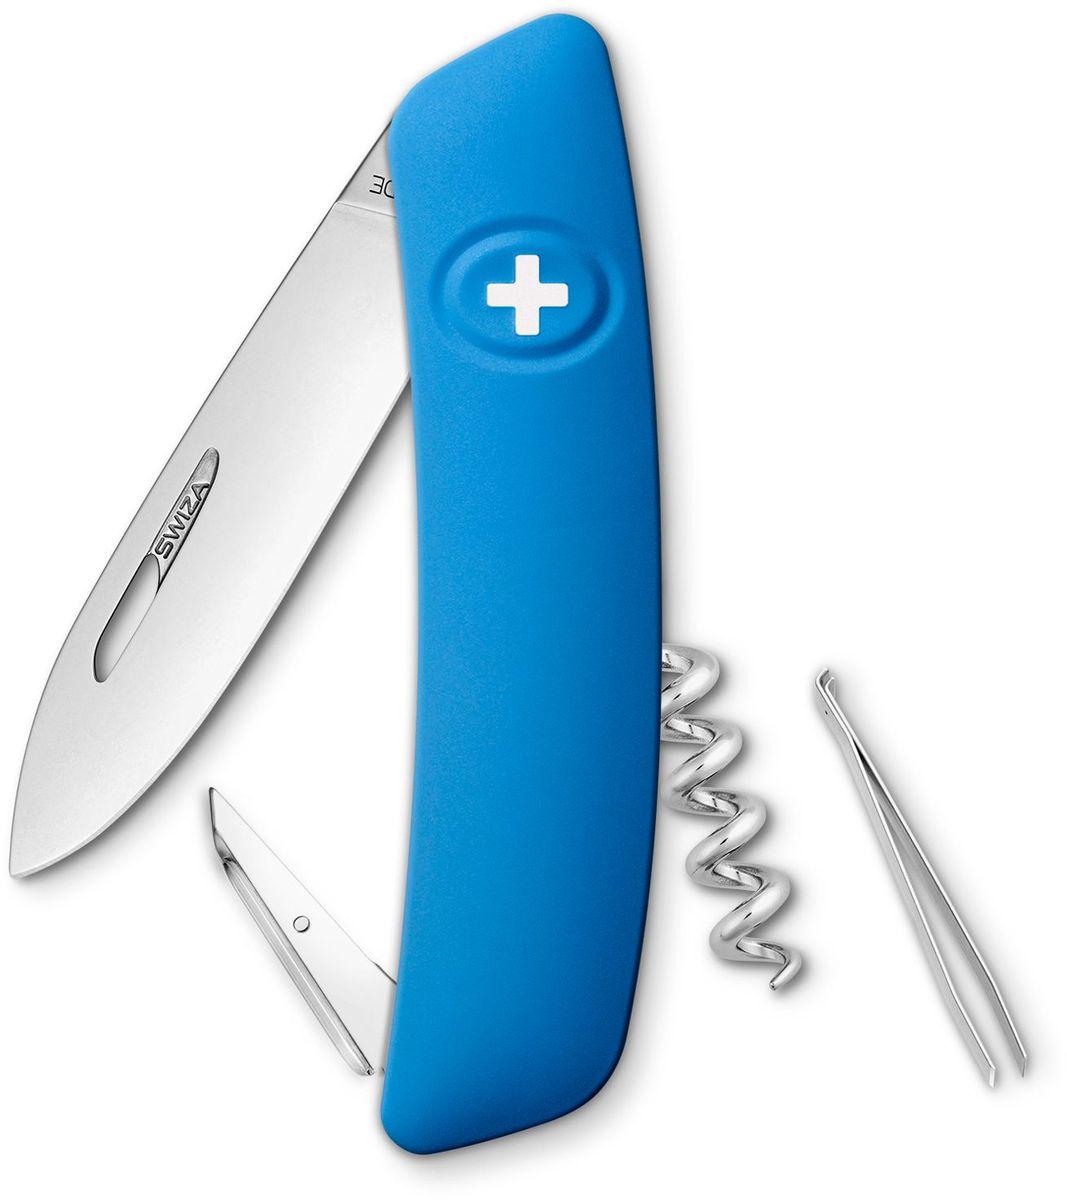 Нож швейцарский SWIZA D01, цвет: синий, длина клинка 7,5 смKNI.0010.1030Швейцарский нож (SWIZA D01) с его революционной формой и безопасной рукояткой, легко раскладываемой ручкой - самый удобный и простой в использовании швейцарский нож на все времена. Эргономично изогнутая форма ножа обеспечивает более легкий доступ к инструментам, а пазы позволяют легко их открывать, как левой, так и правой рукой. Пожизненная гаратния на ножи SWIZA обеспечивают долговременное использование 1. нож перочинный , 2. штопор, 3. ример/дырокол 4. шило, 5. безопасная блокировка лезвий, 6. пинцет